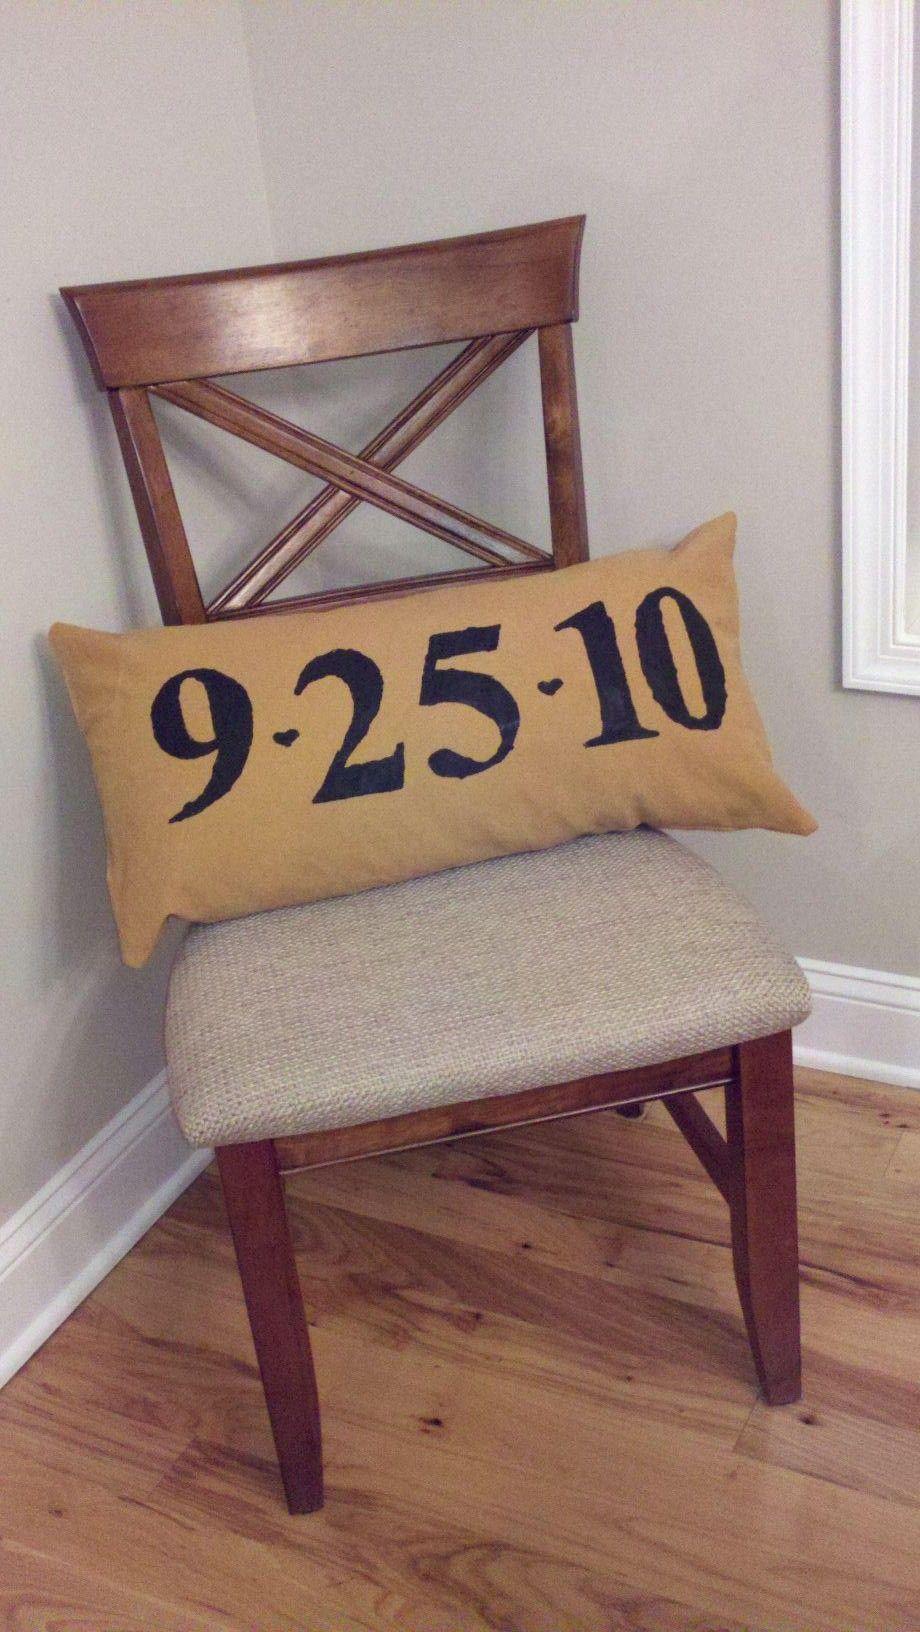 Dyi wedding anniversary pillow home sweet home pinterest